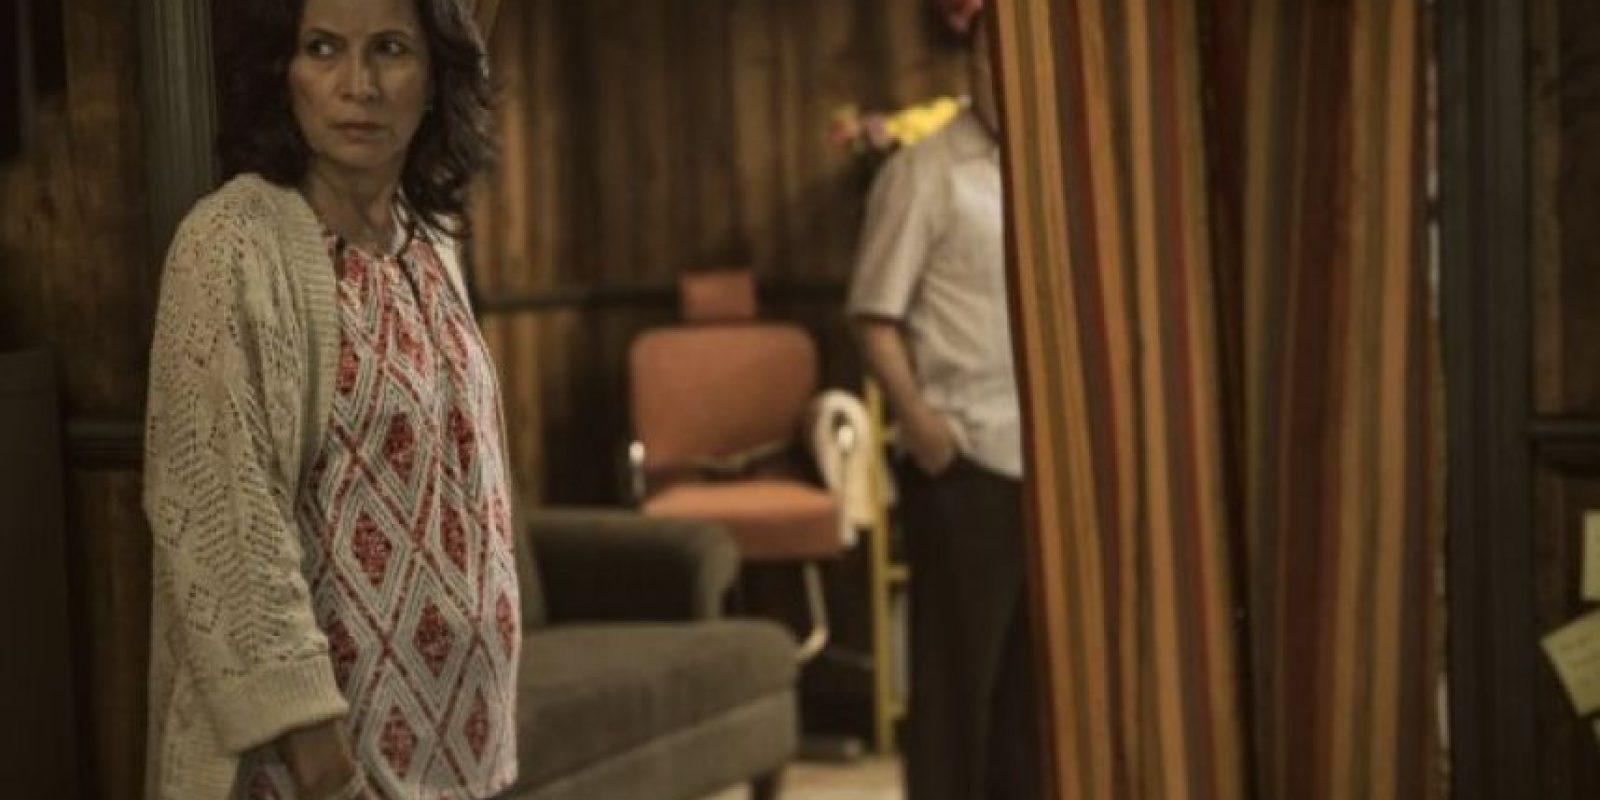 """El spin-off de la serie contará con la presencia de la actriz mexicana Patricia Reyes Spíndola, quien dará vida a """"Griselda"""", una mujer religiosa. Foto: IMDb"""